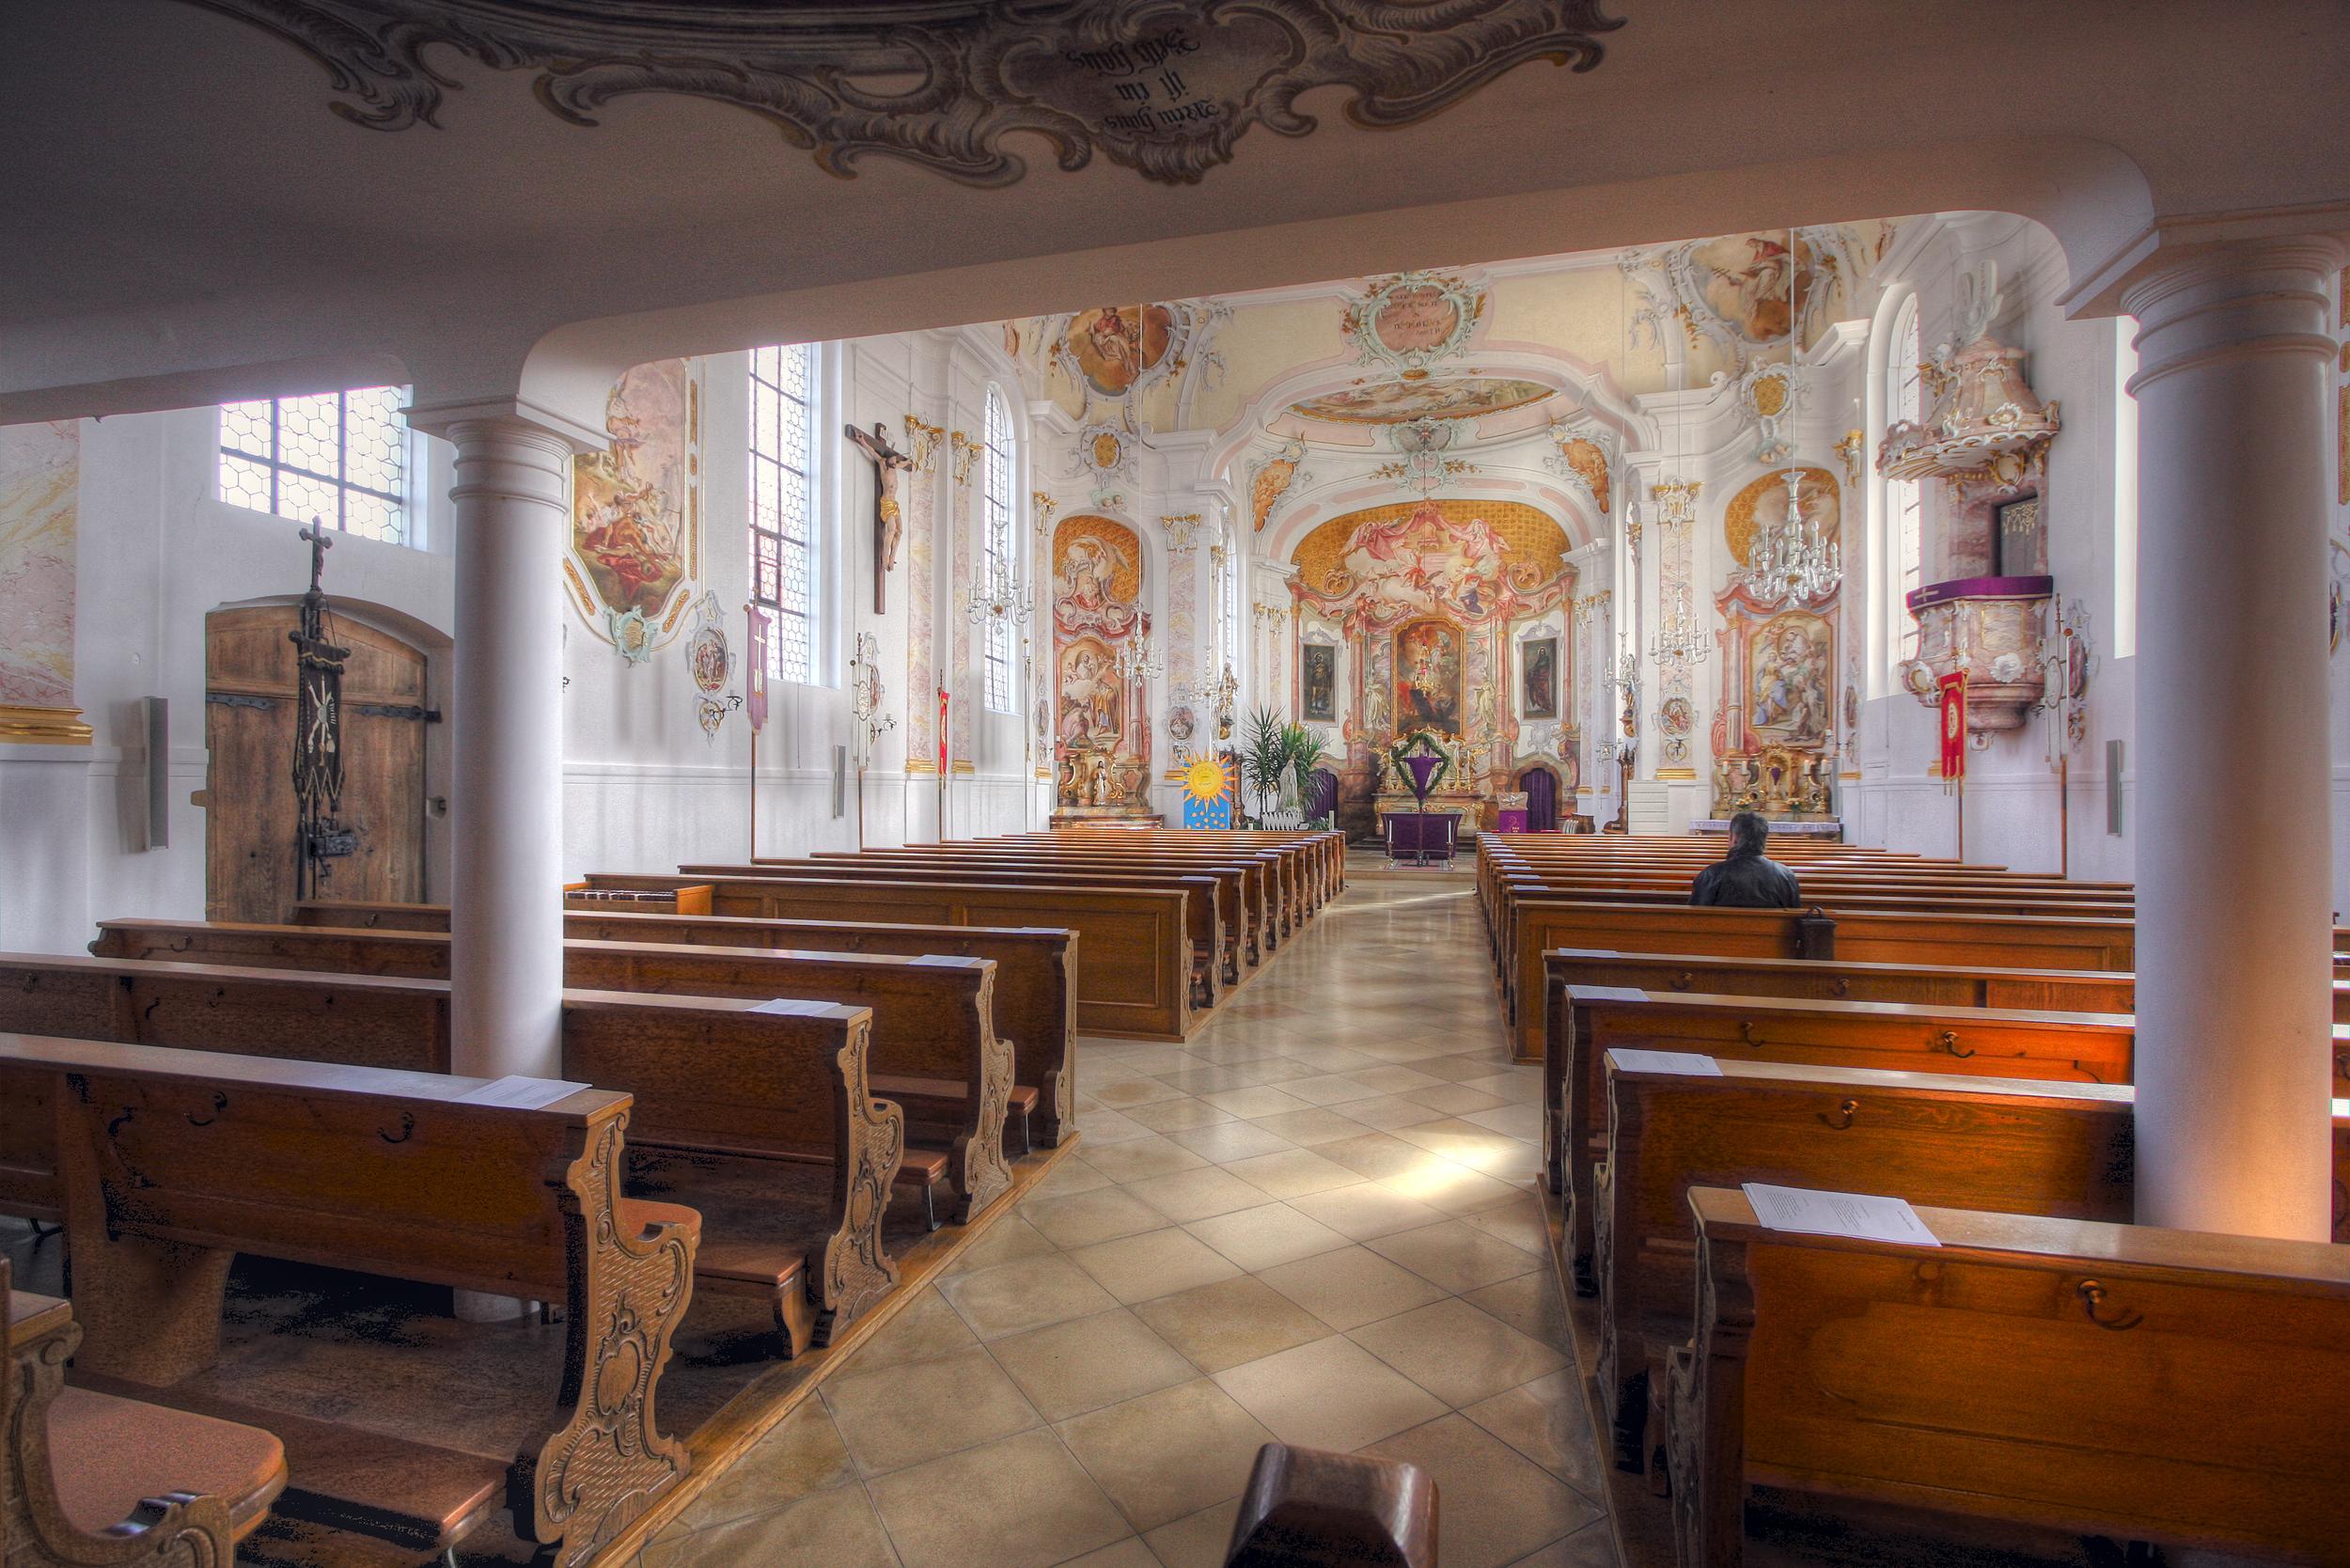 File:Jettingen-Scheppach, Scheppach Kirche Pfarrkirche